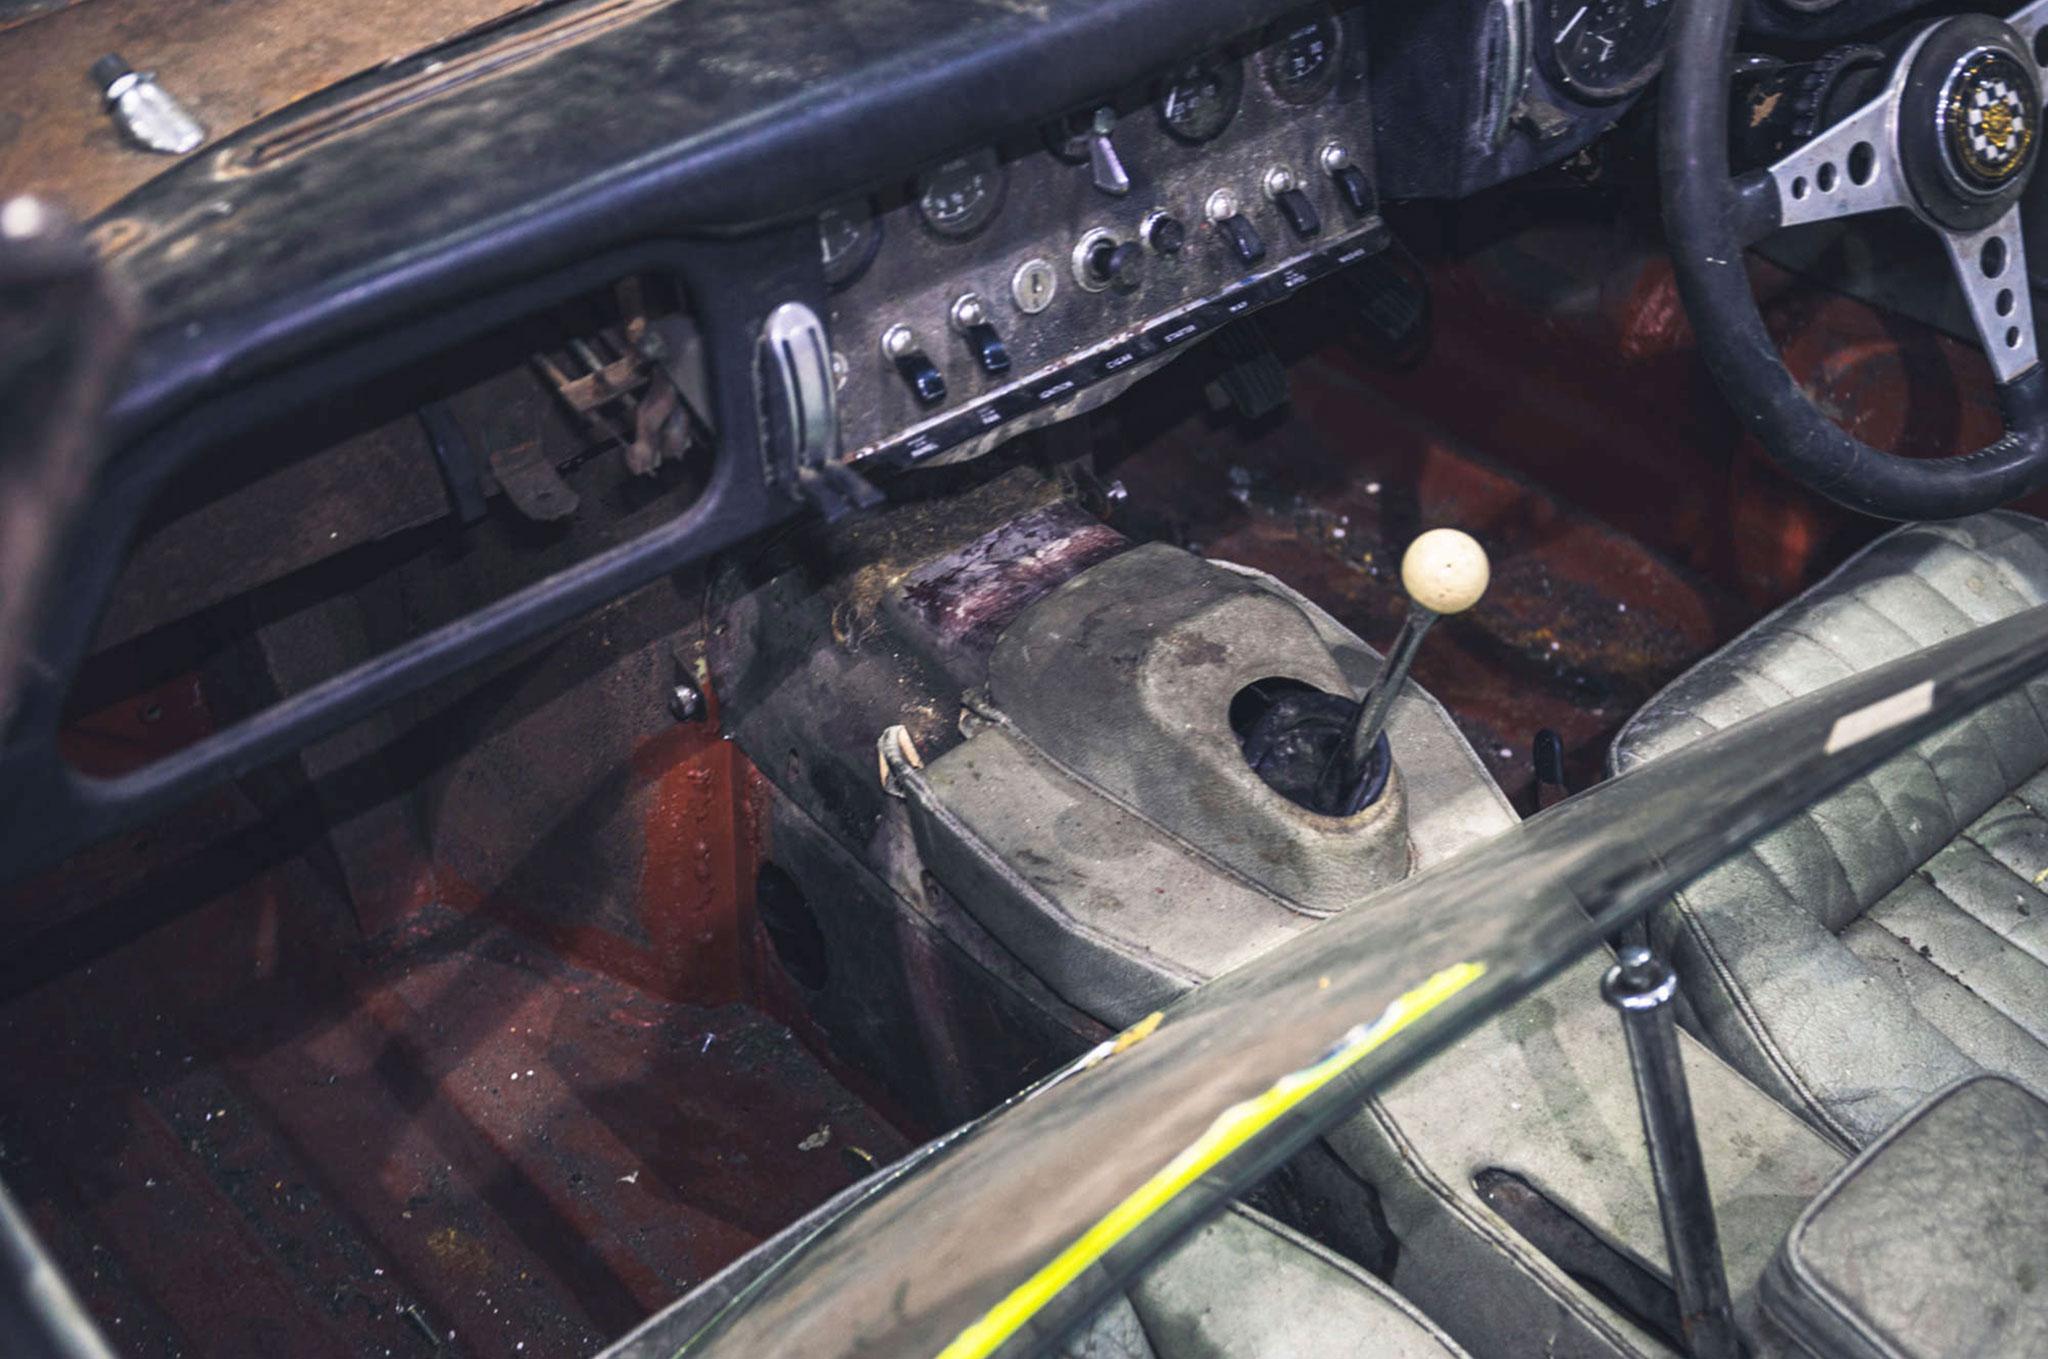 1964 Jaguar E-Type 2805 miles détail de l'intérieur à reprendre